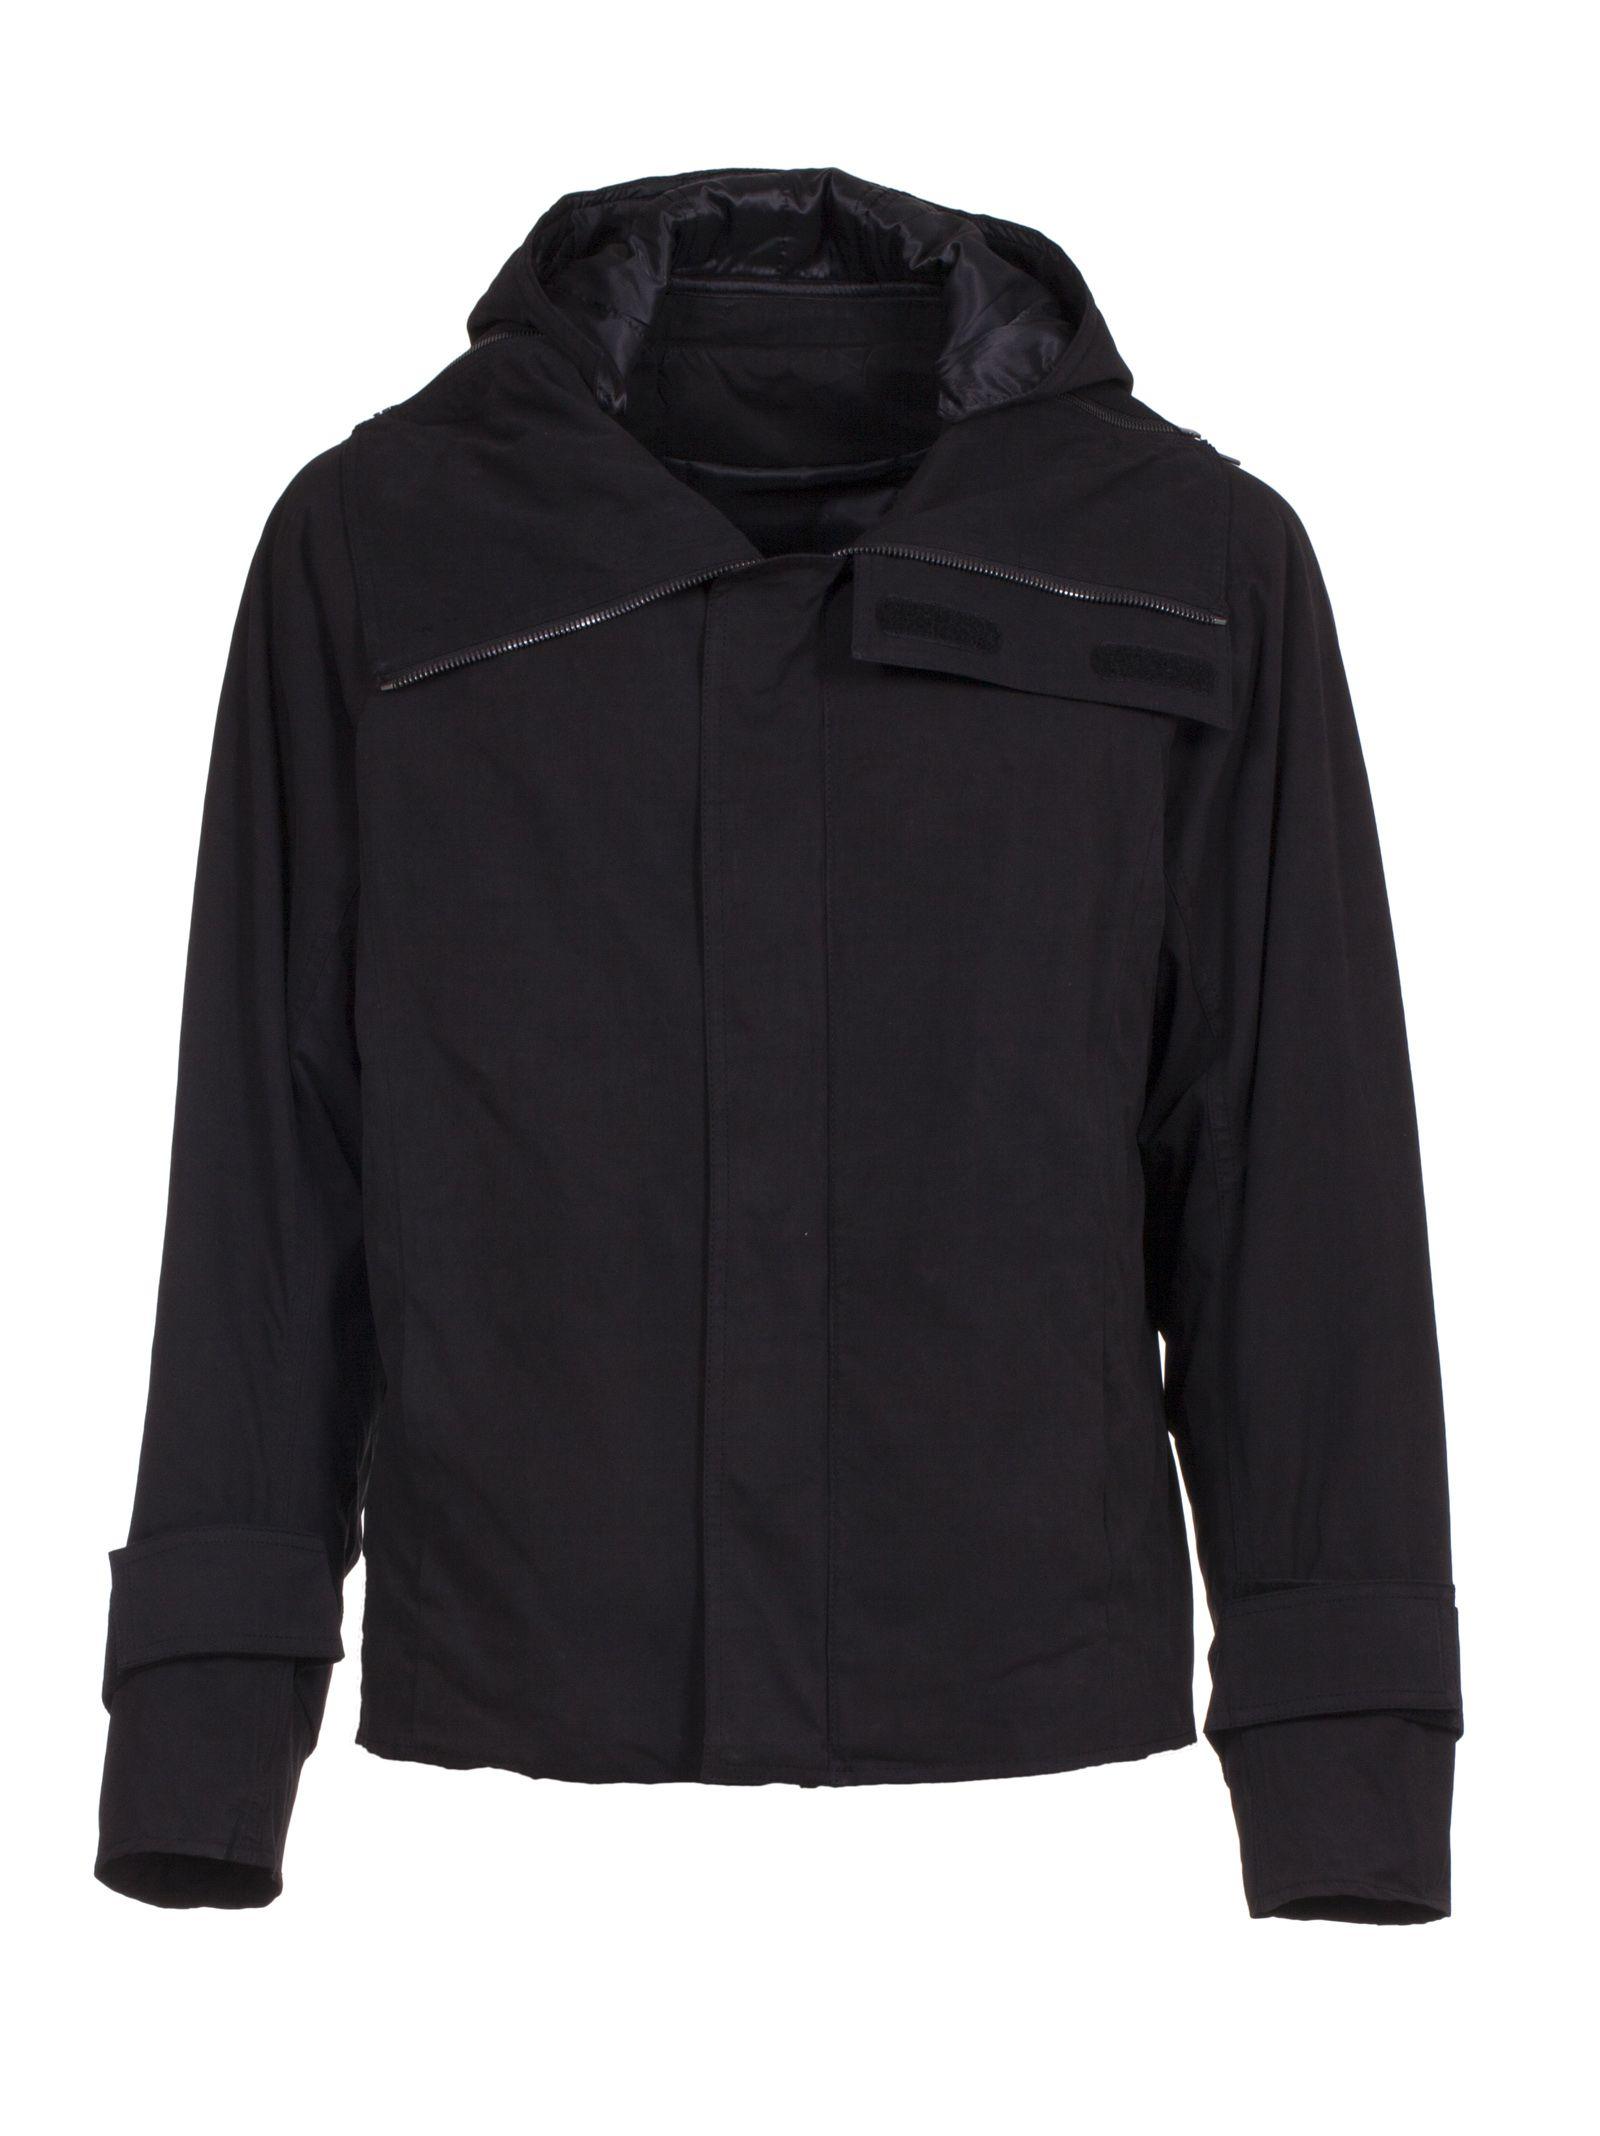 D.gnak Hooded Jacket